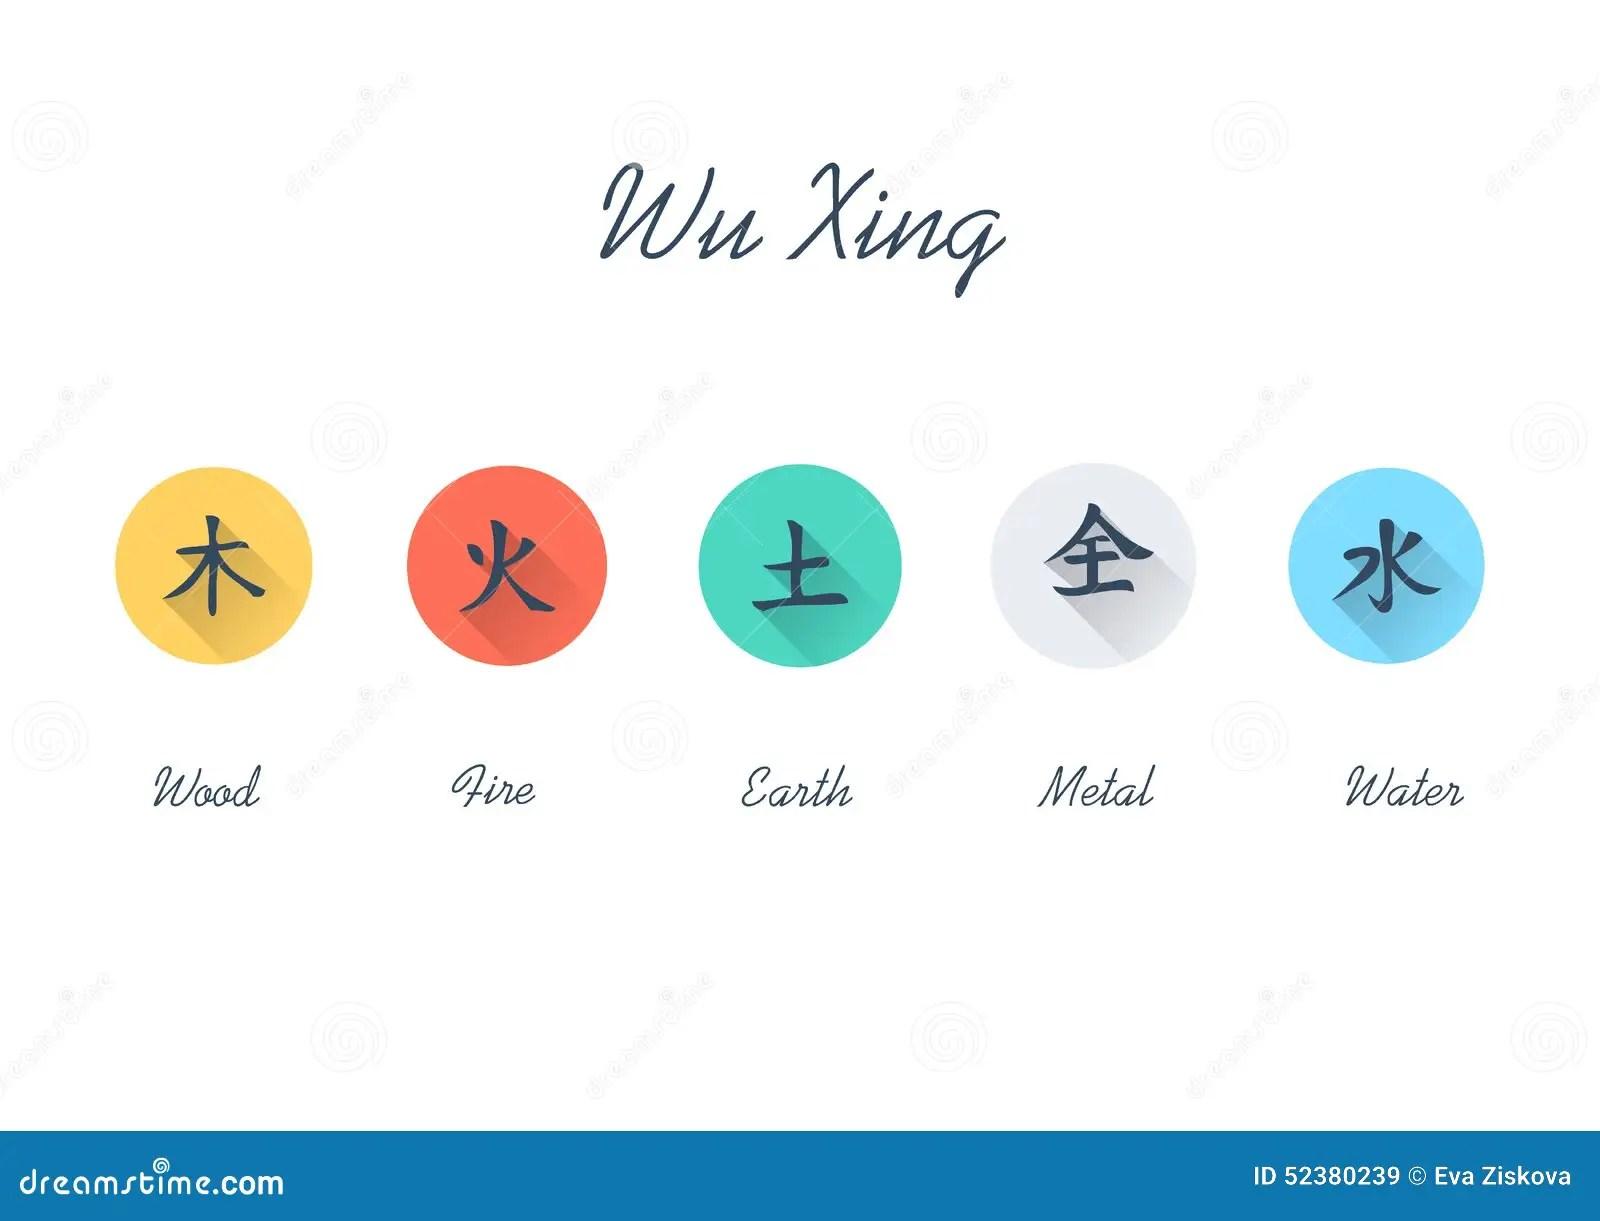 wu xing flat icon